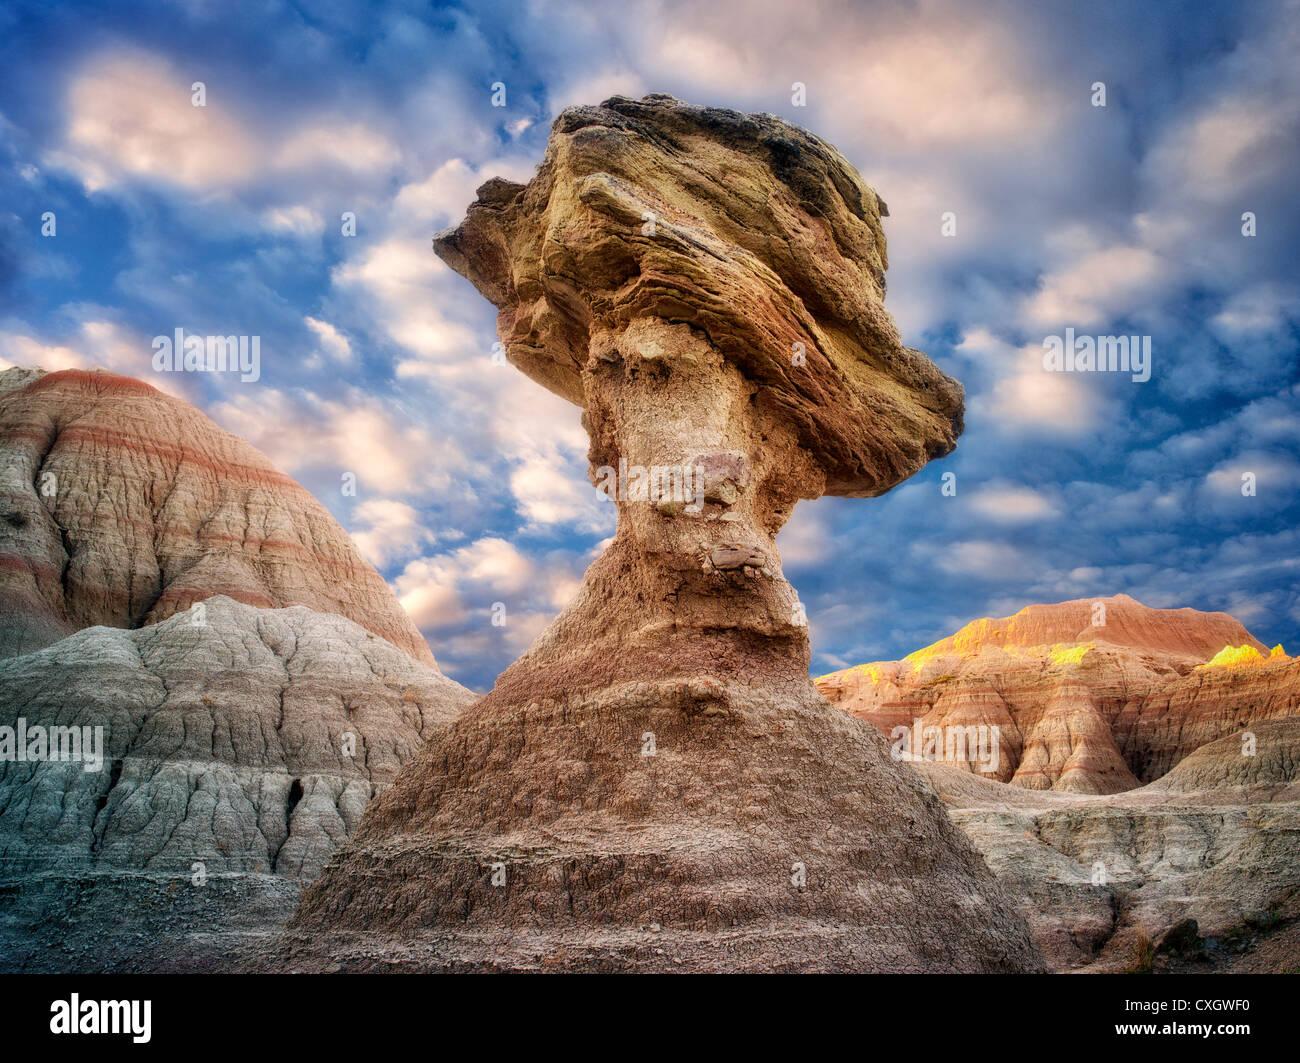 Equilibrar el rock. El Parque Nacional Badlands. Dakota del Sur Foto de stock